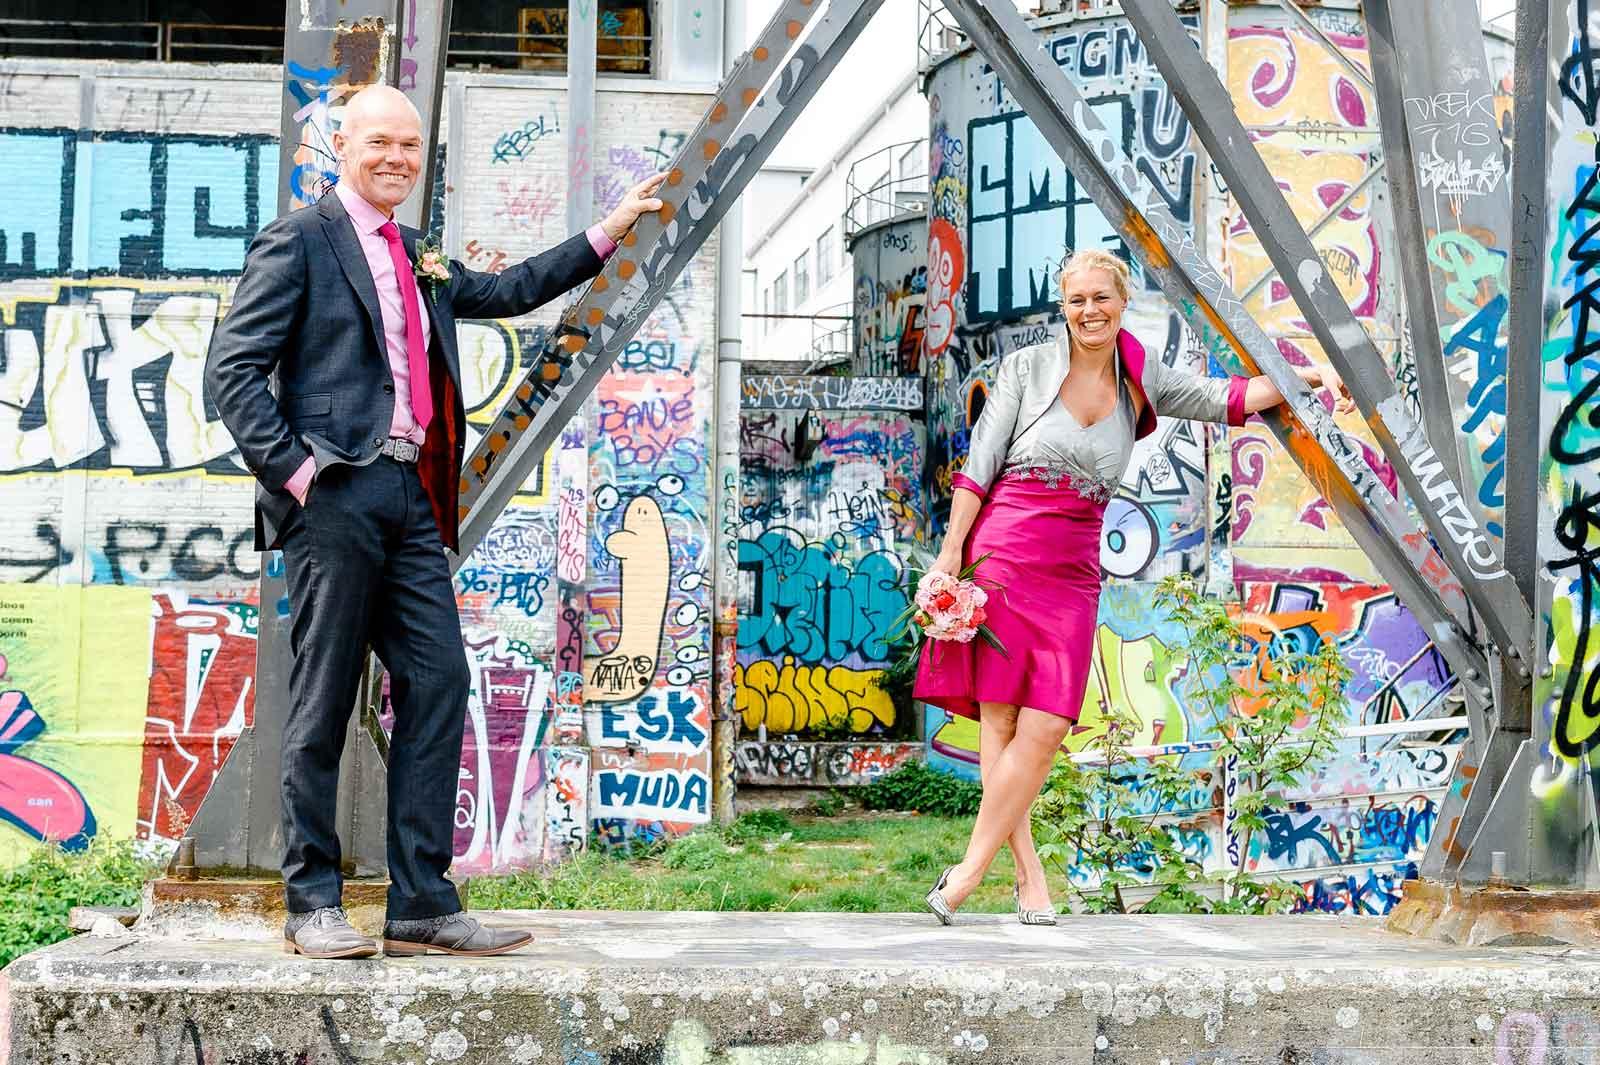 Huwelijk bij basin Maastricht met veel graffiti op de achtergrond